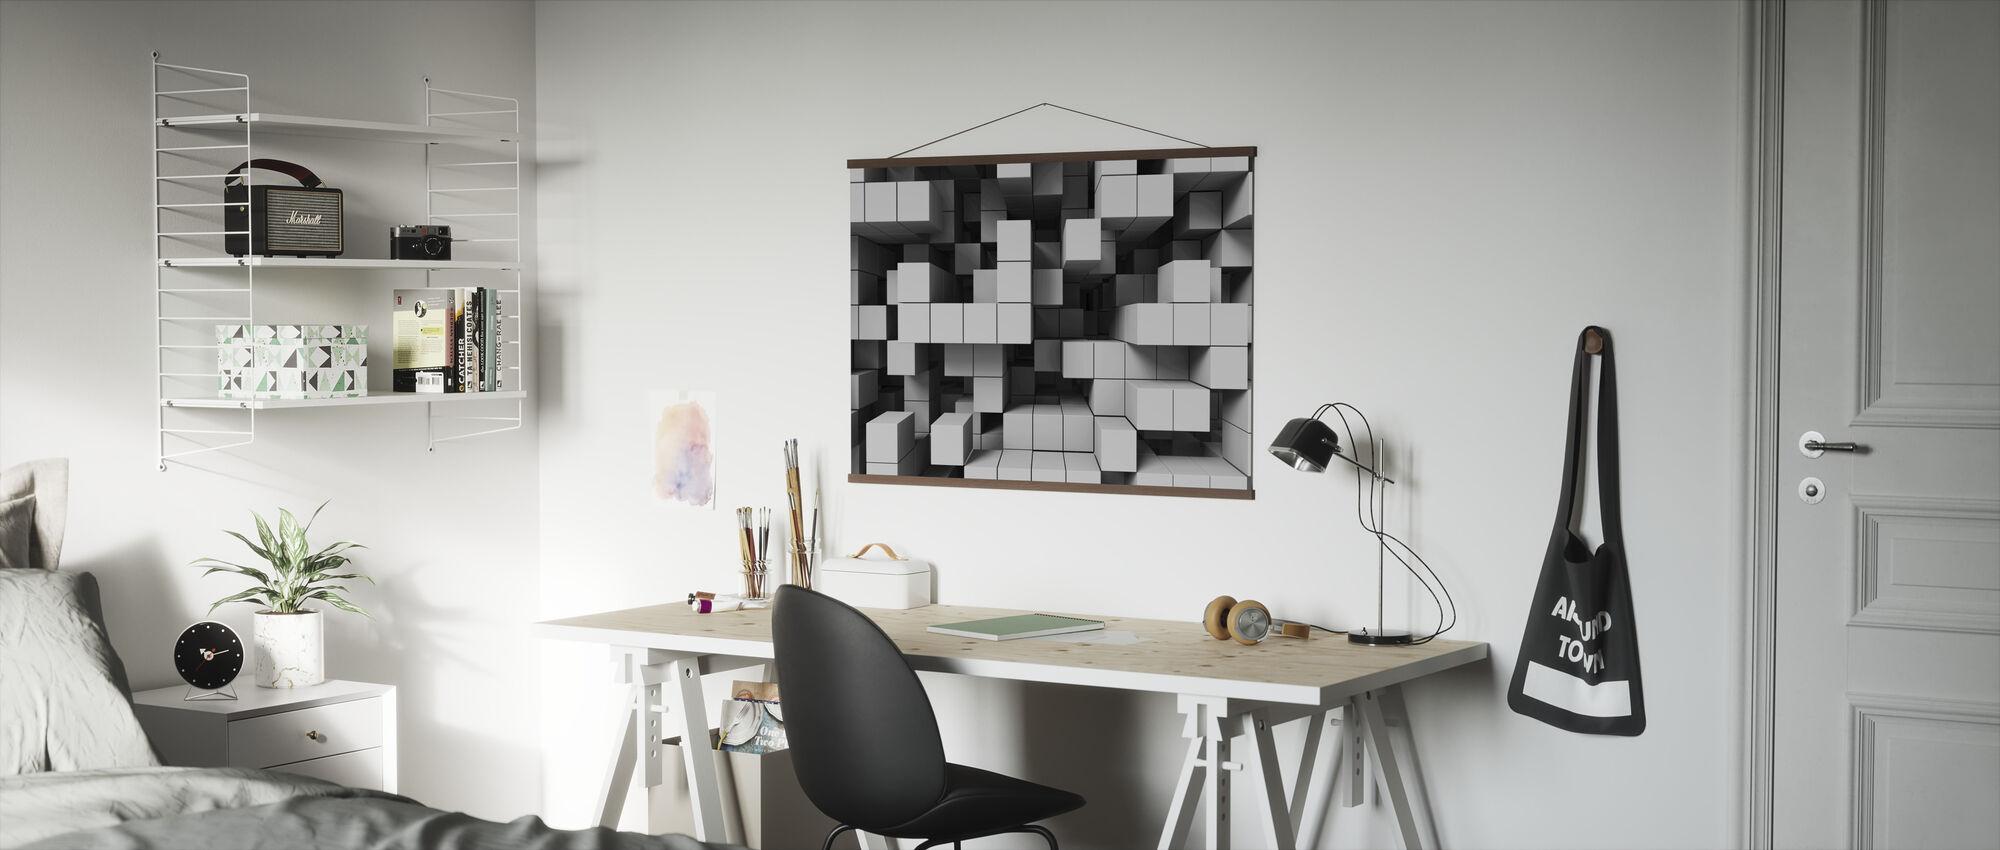 Deep Tetris - Light Grey - Poster - Office